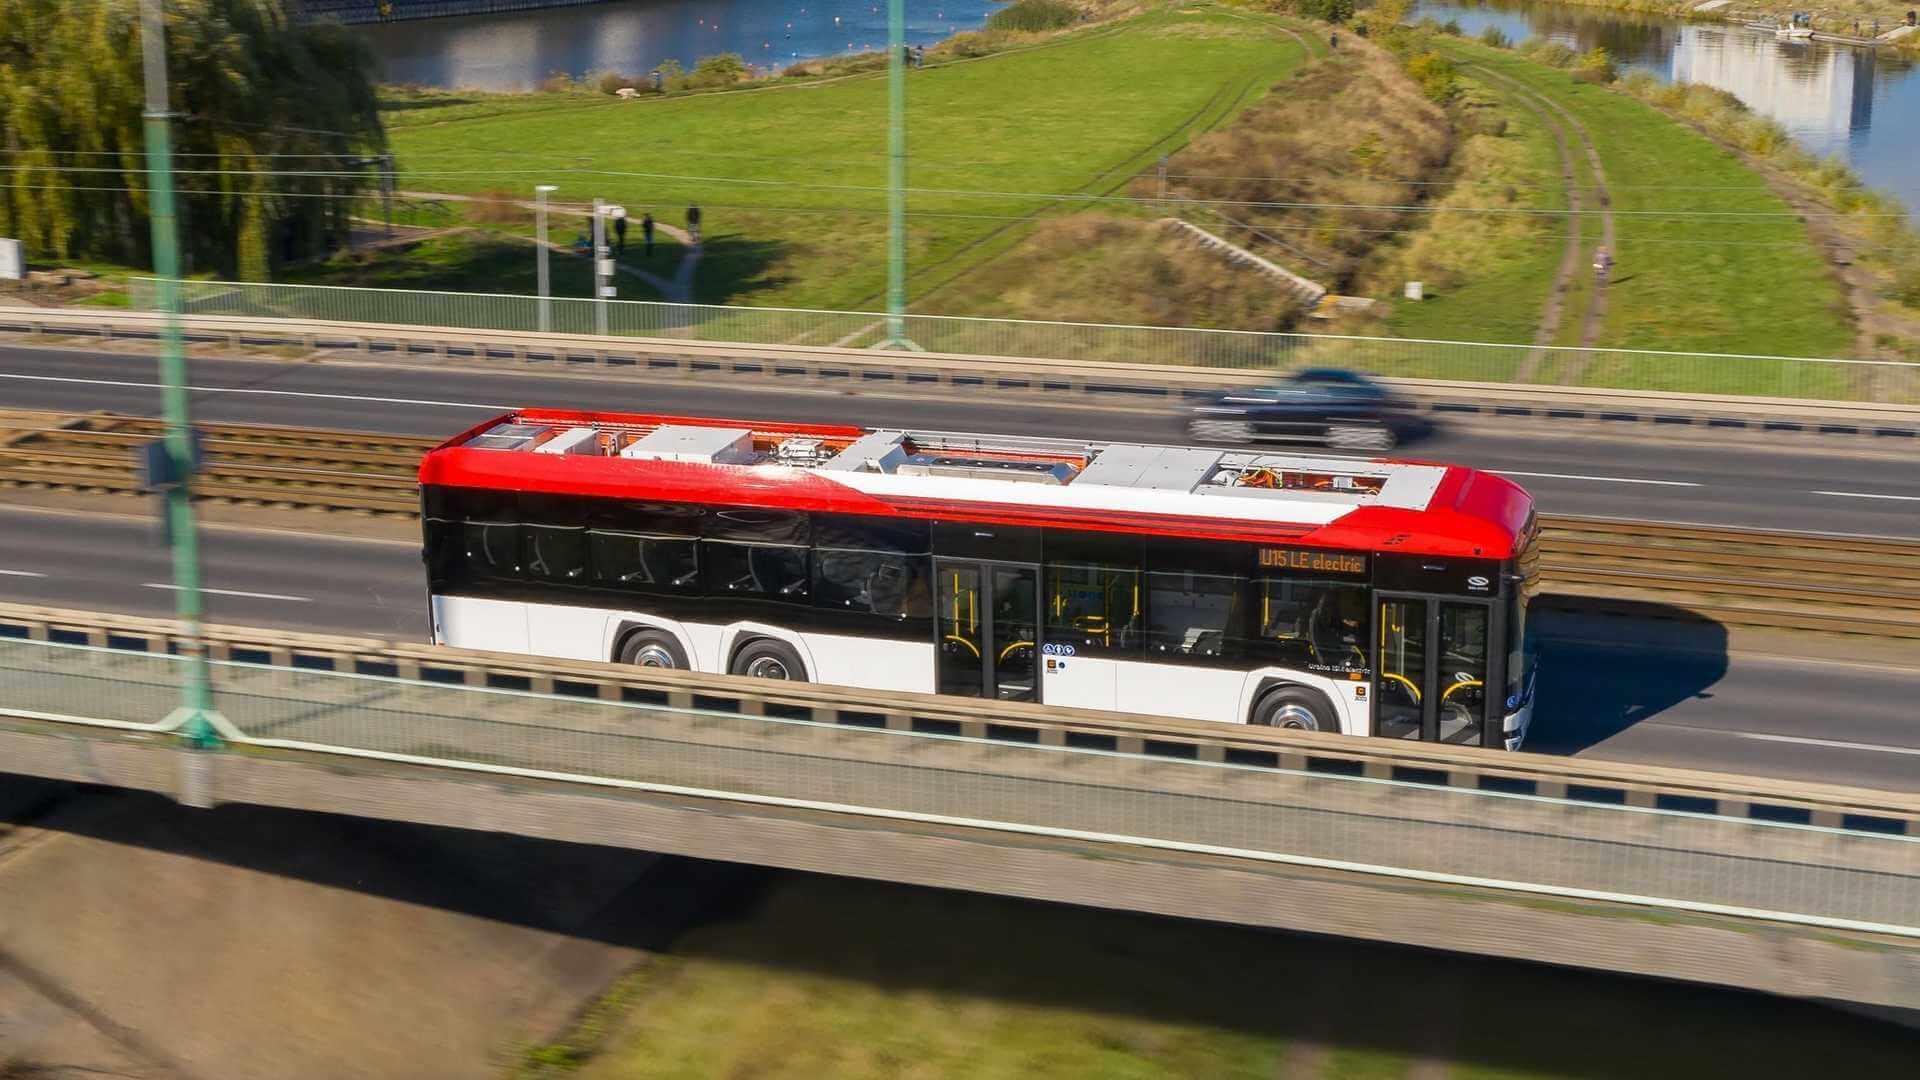 Solaris представляет новый 15-метровый электрический автобус Urbino 15 LE Electric